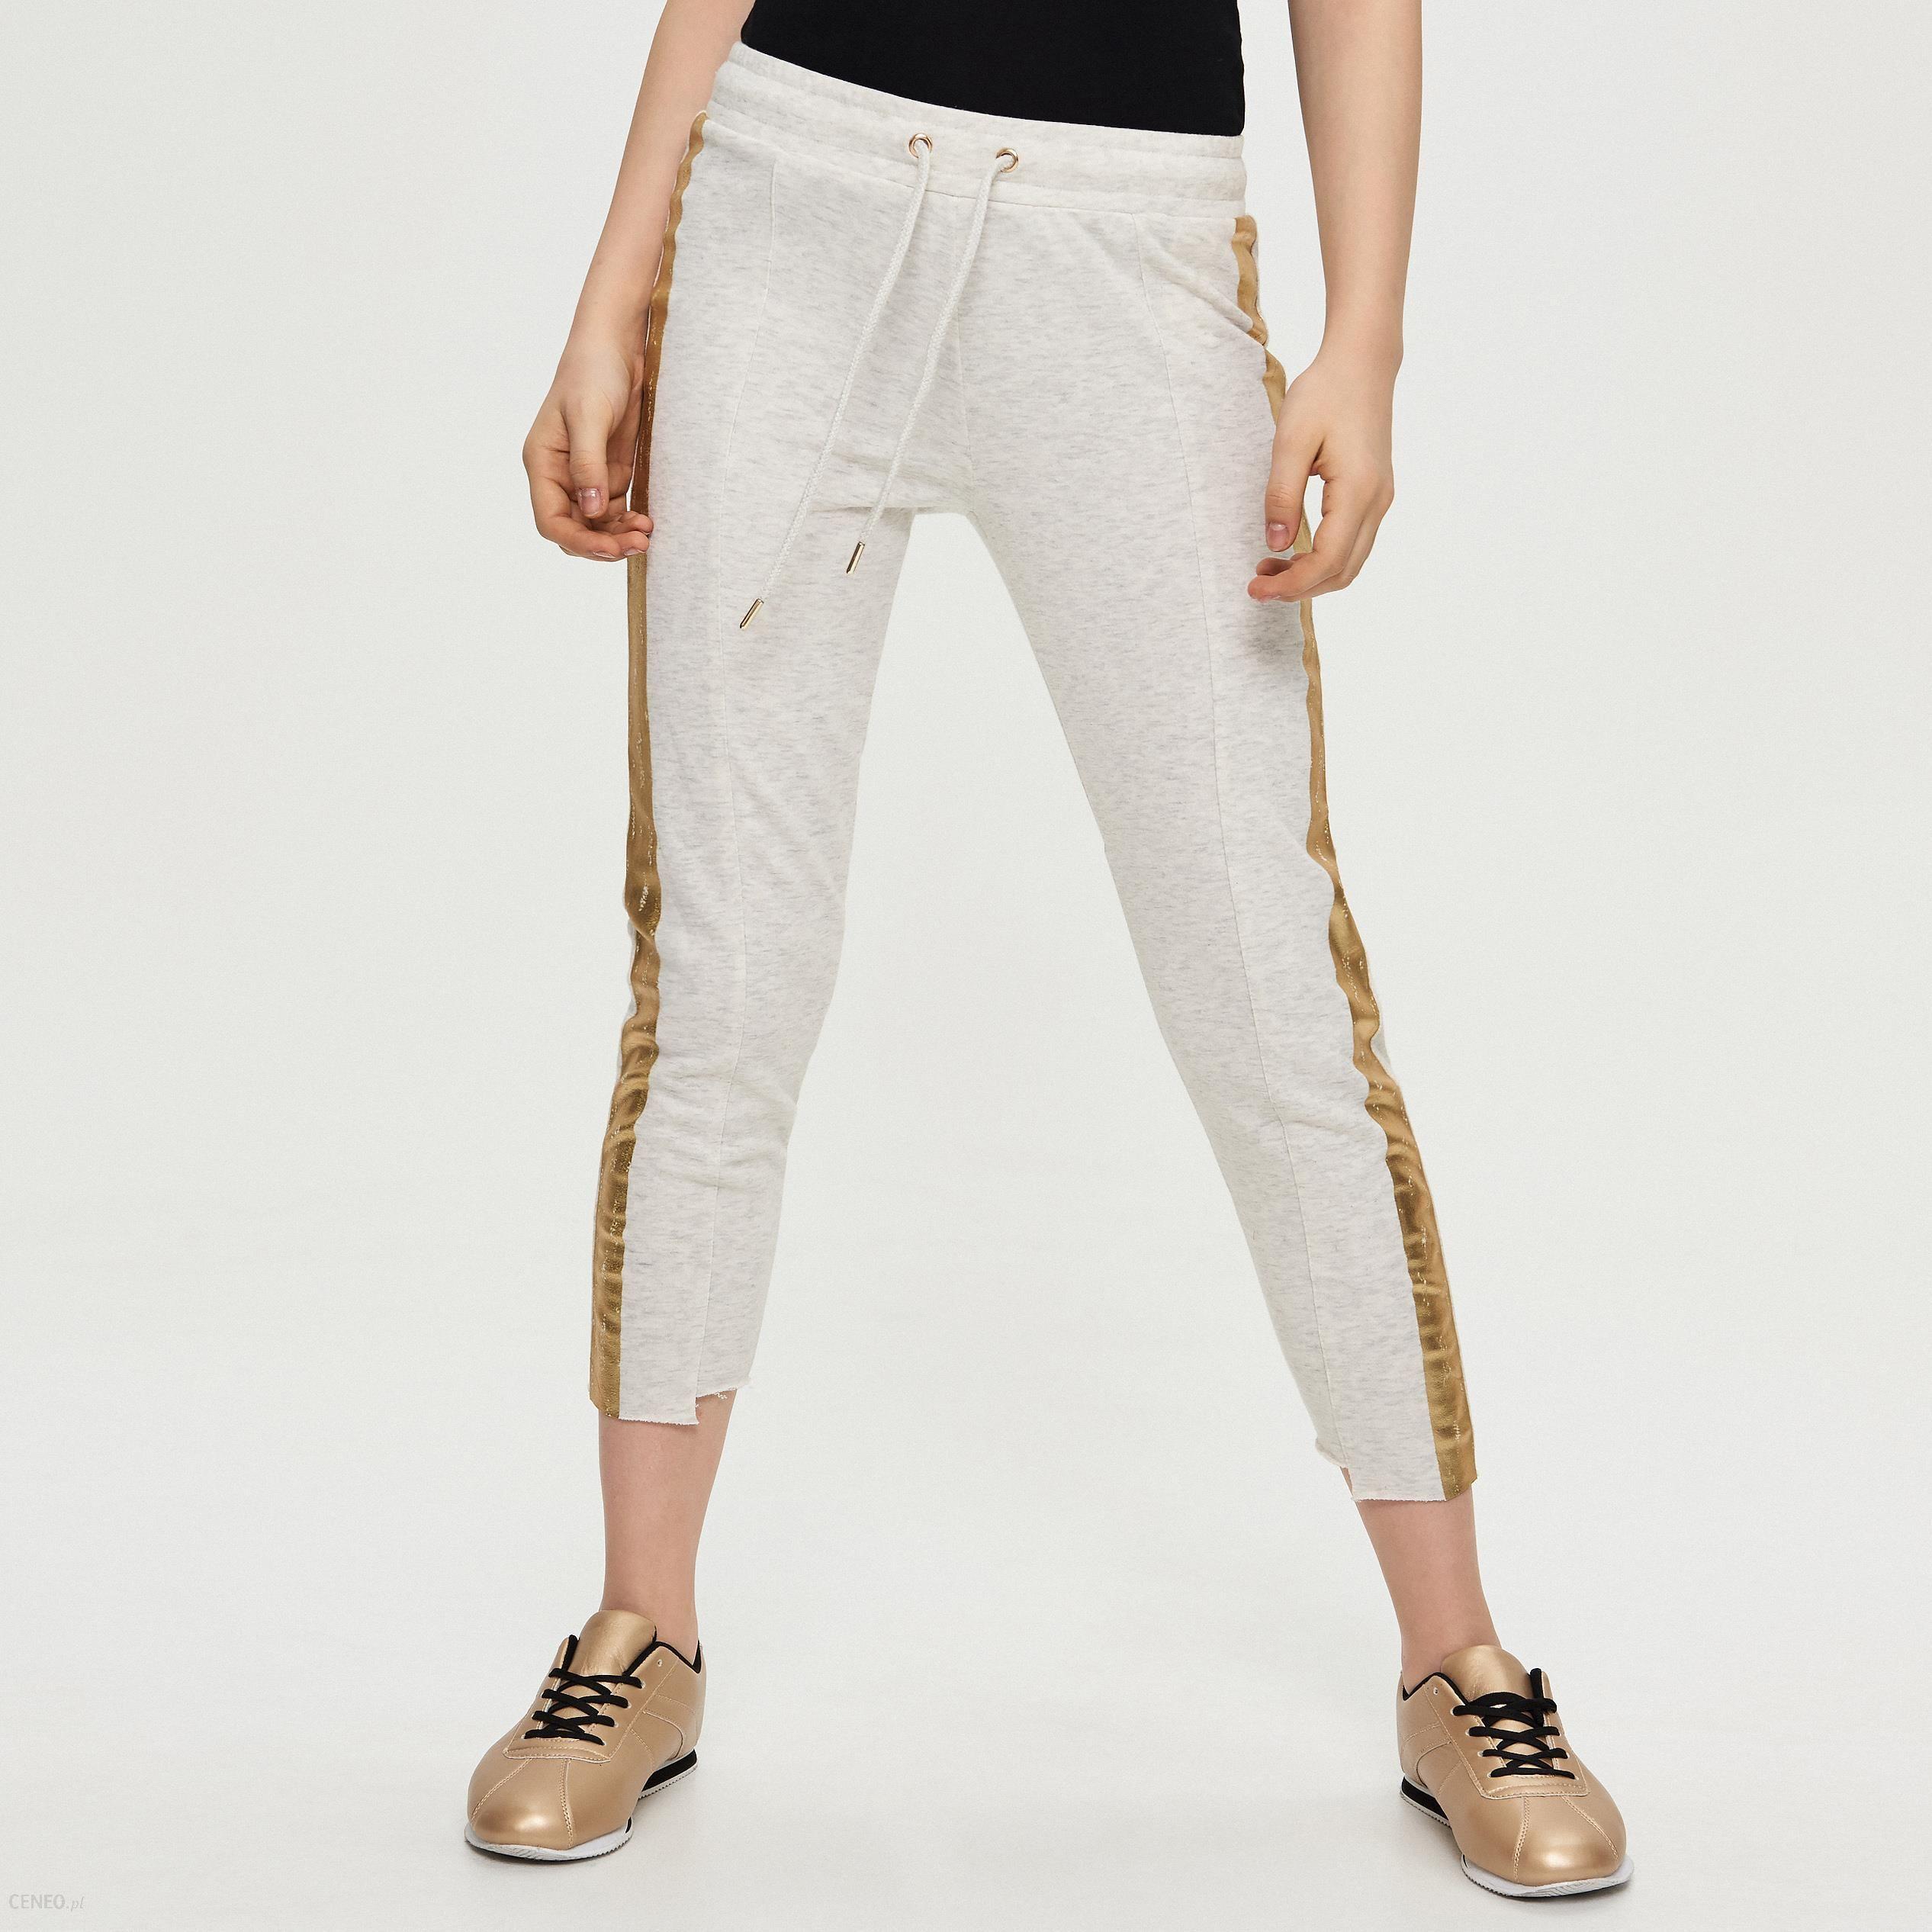 c340a288169d56 Sinsay - Dresowe spodnie z lampasem - Kremowy - Ceny i opinie - Ceneo.pl